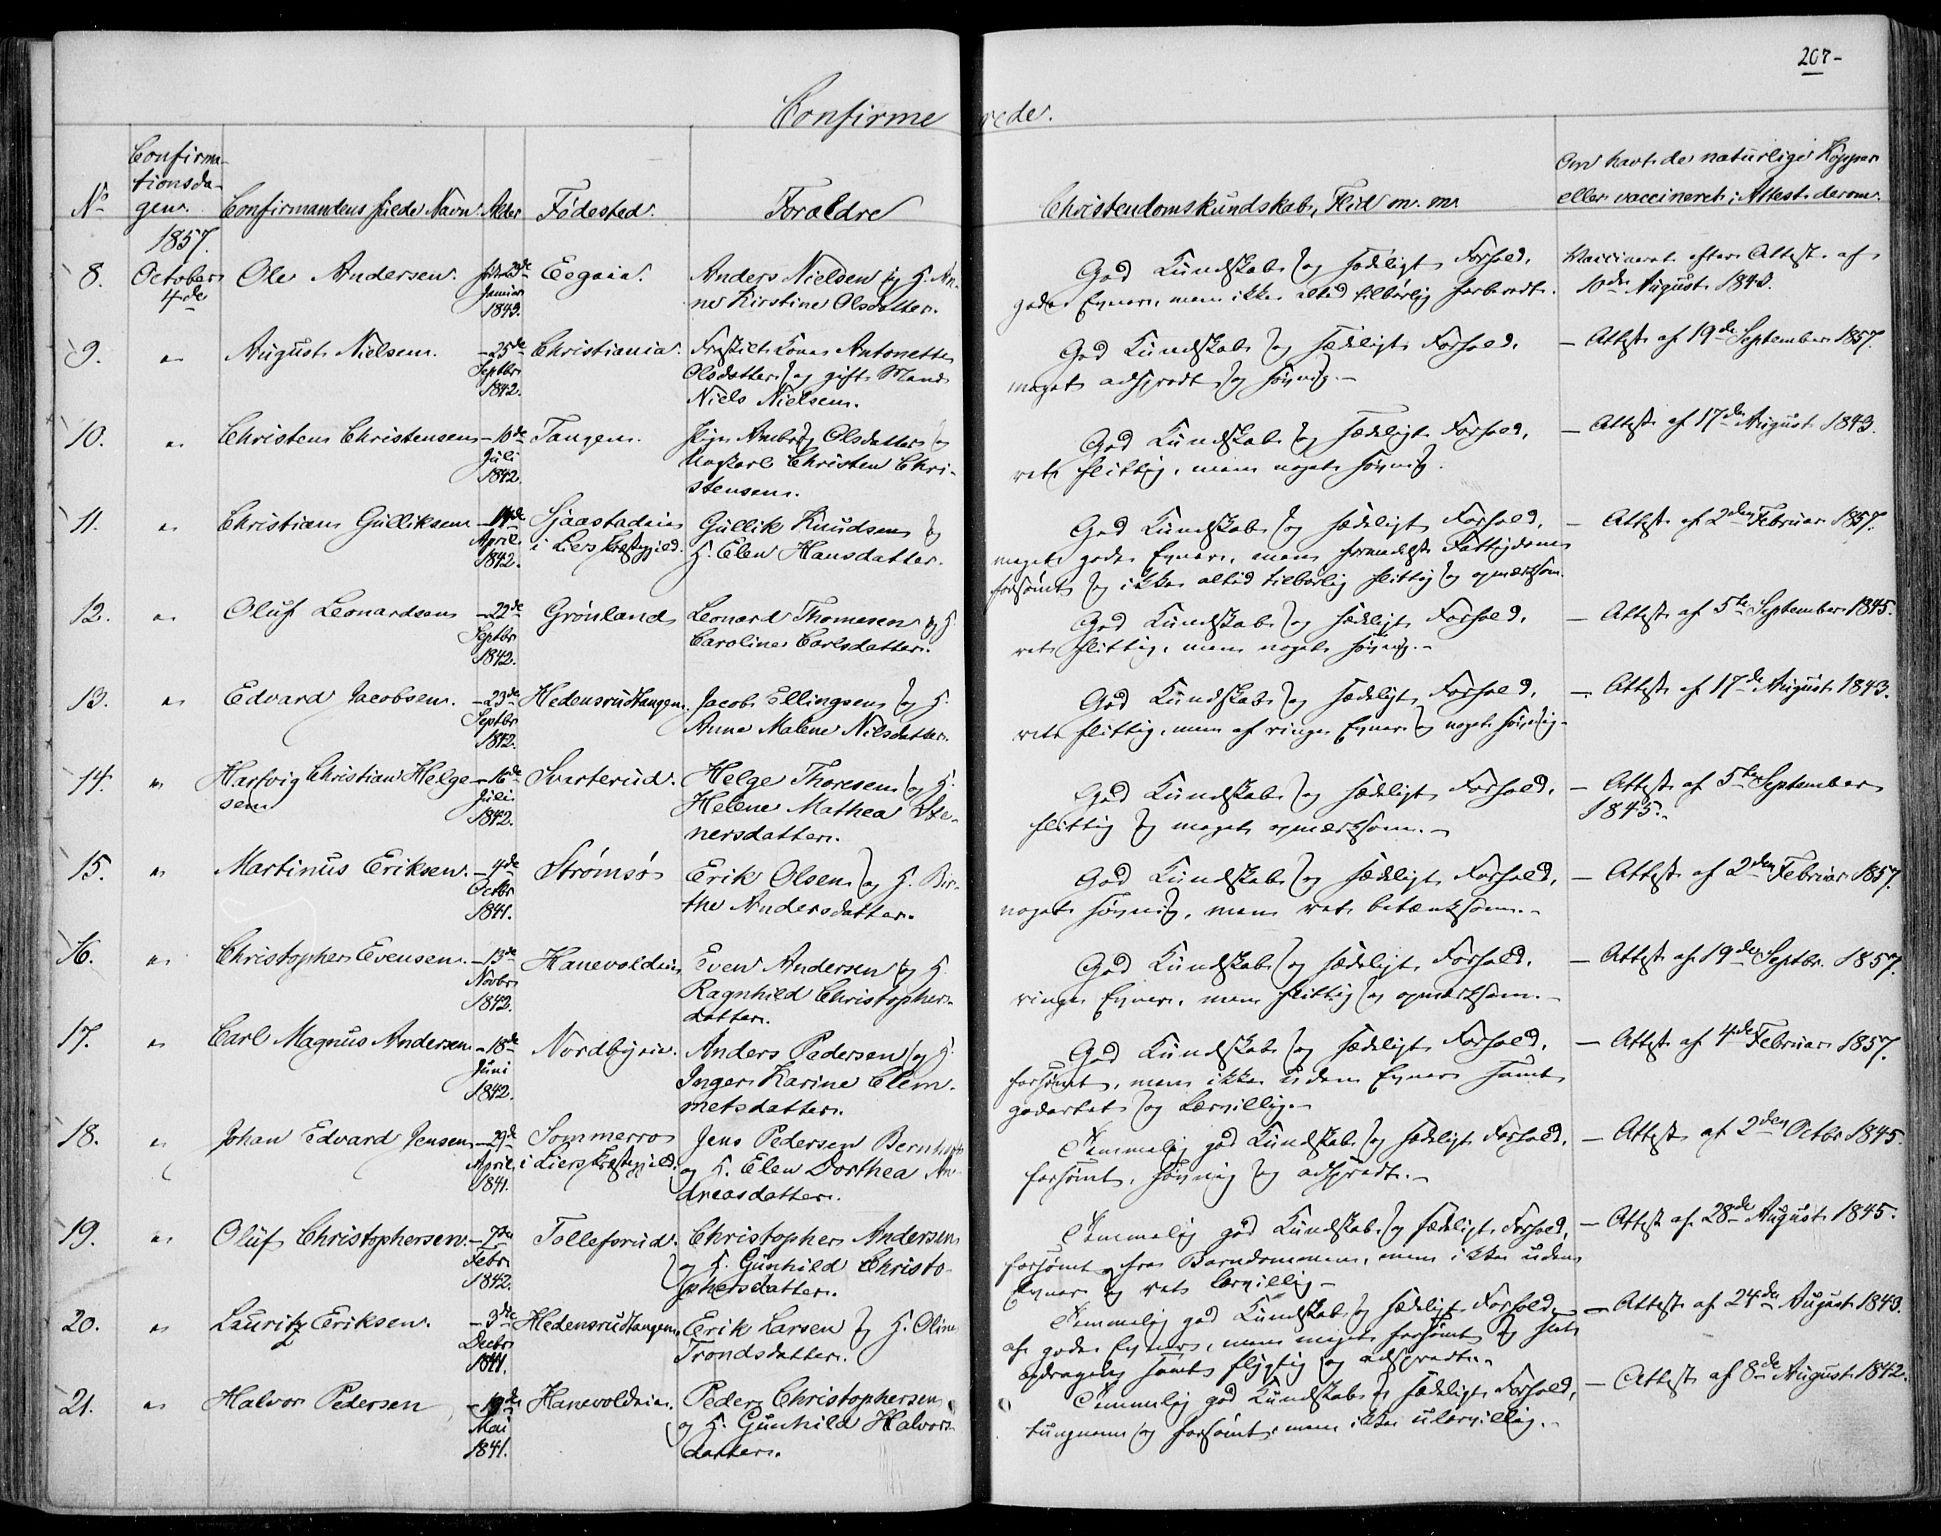 SAKO, Skoger kirkebøker, F/Fa/L0003: Ministerialbok nr. I 3, 1842-1861, s. 207